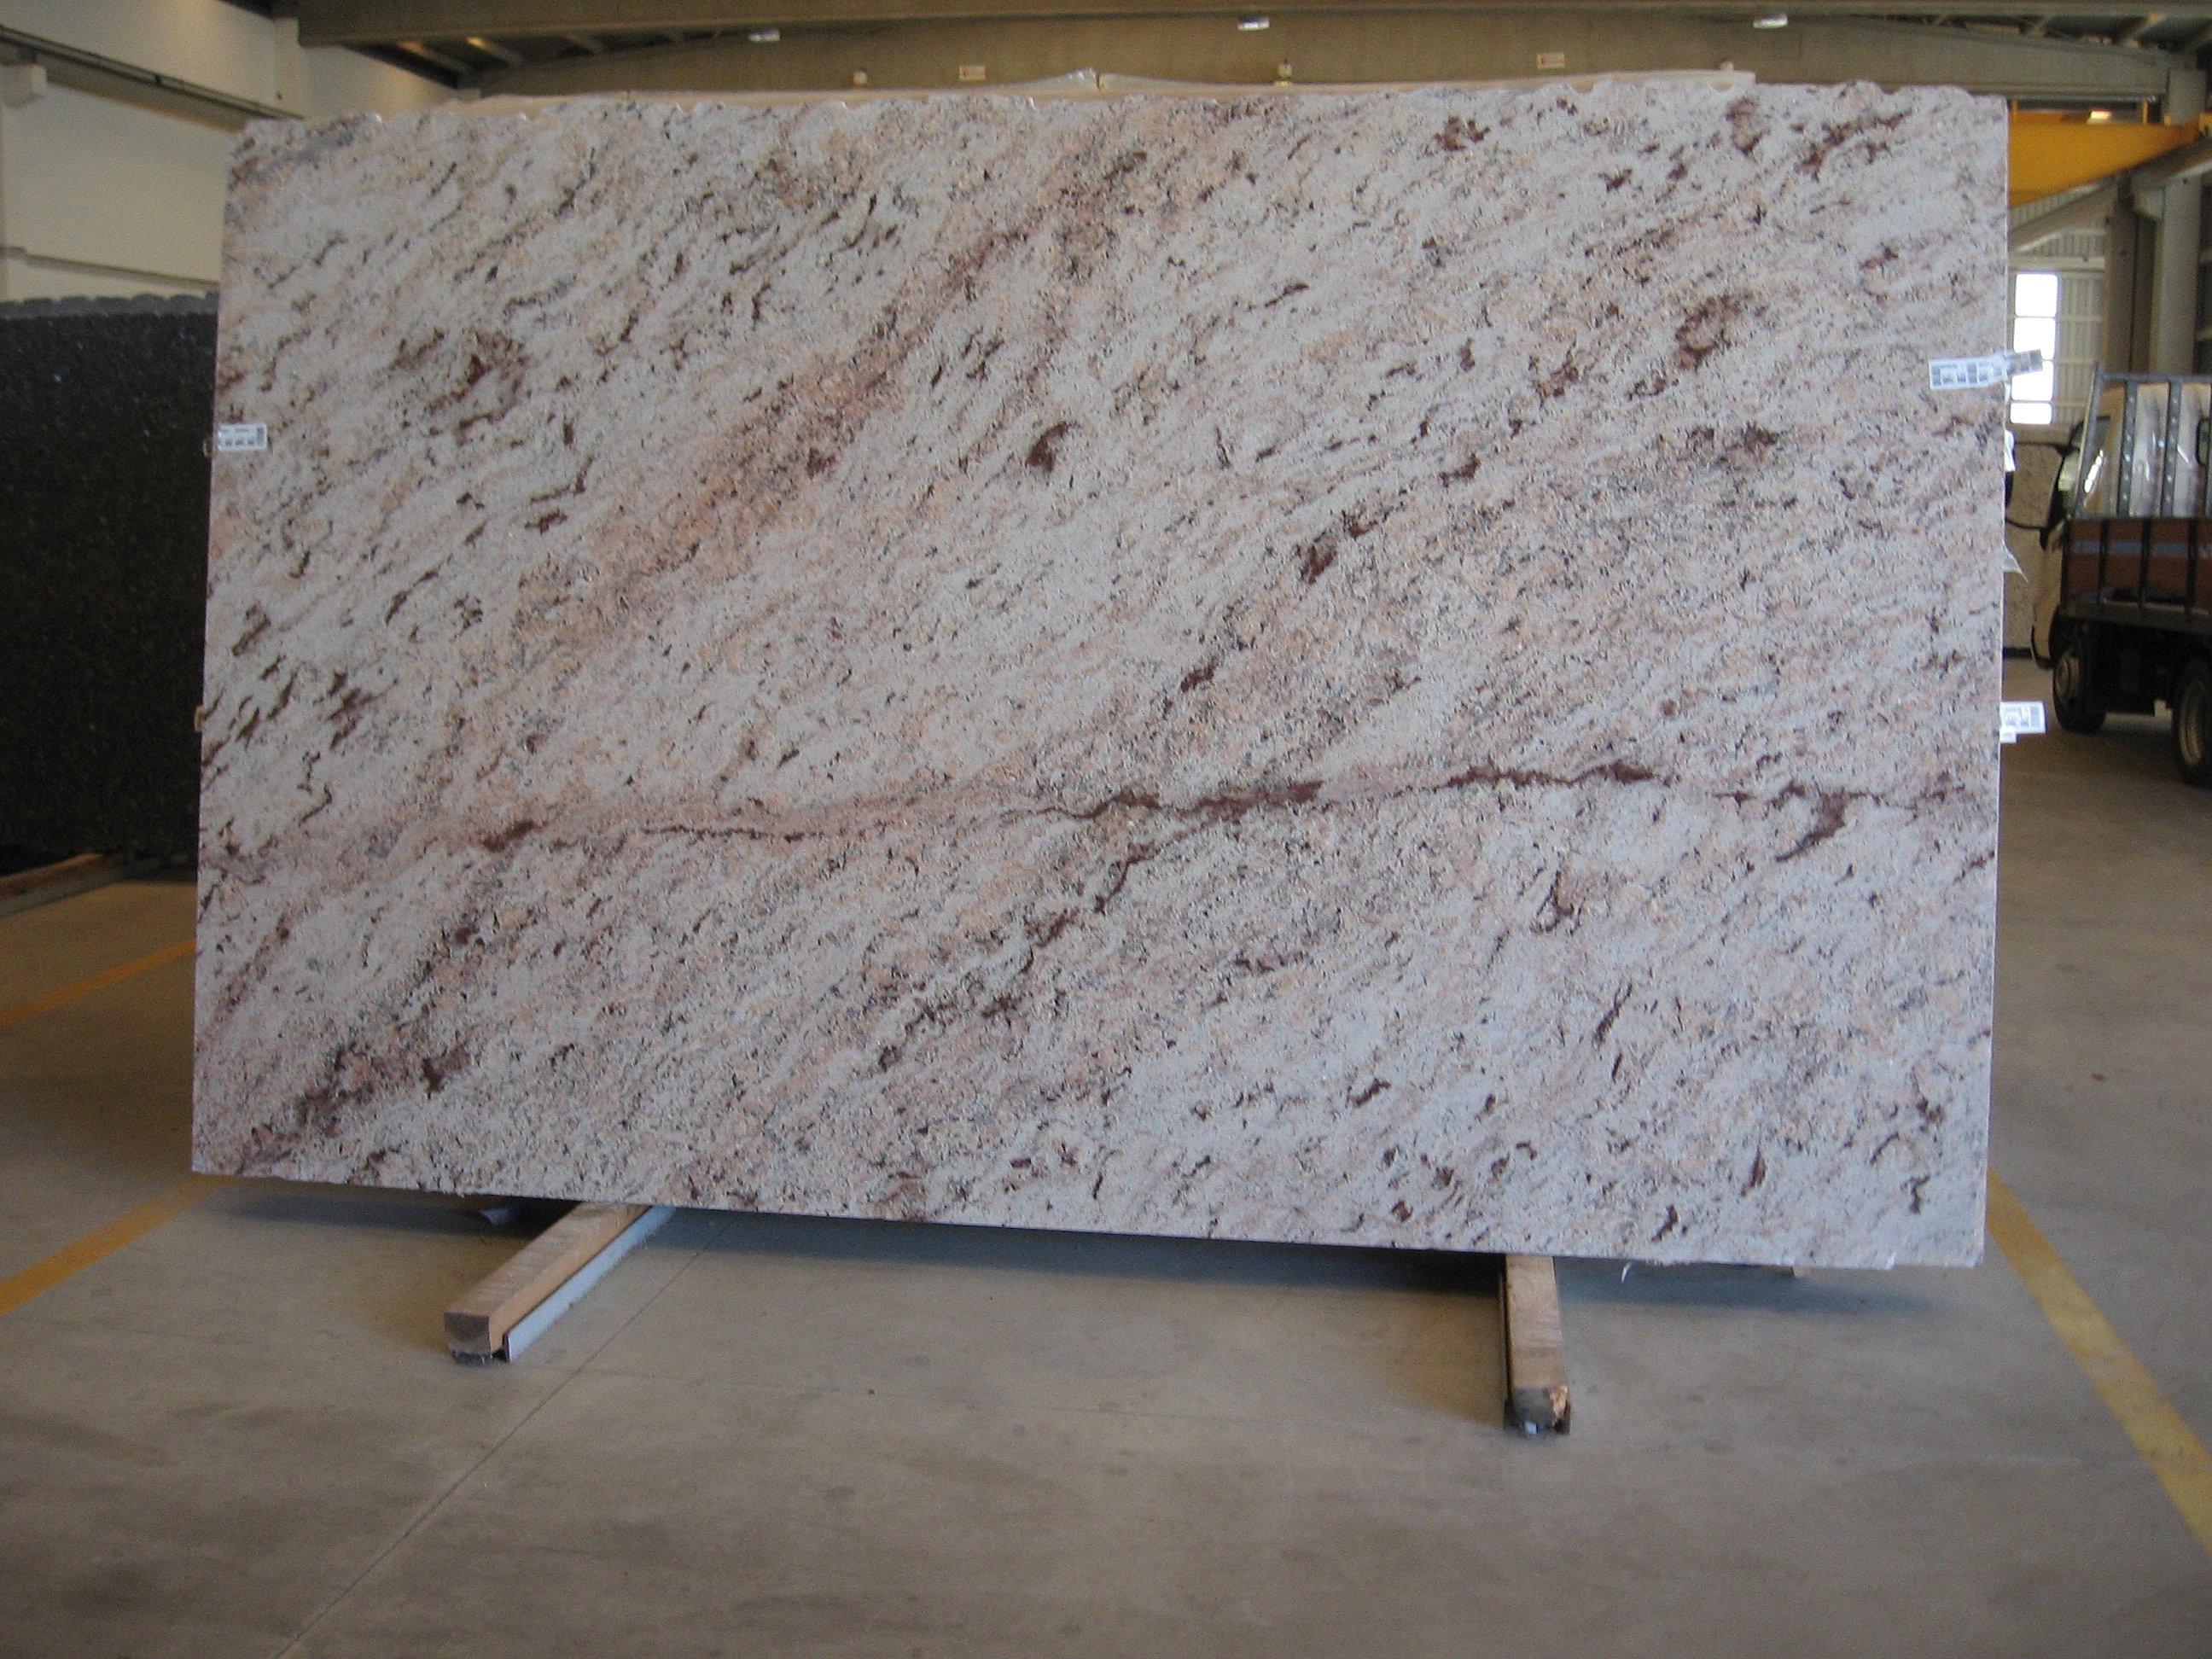 devis plan de travail com paris granit quartz marbre tranche de granit. Black Bedroom Furniture Sets. Home Design Ideas